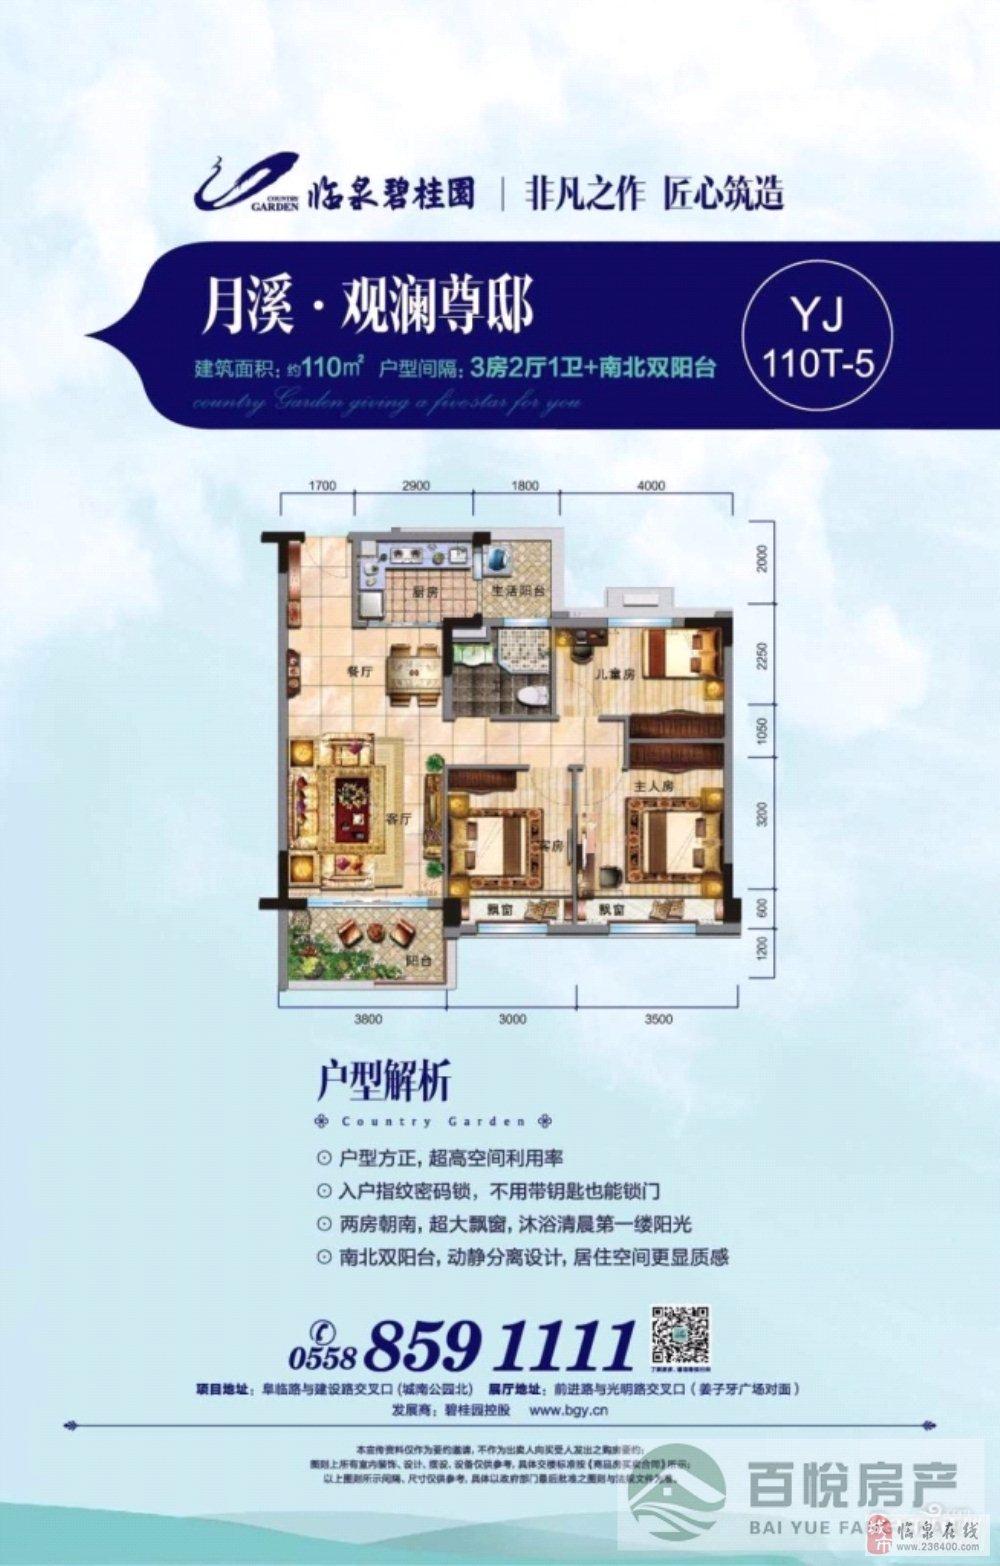 碧桂园小区中间楼层+低于市场价+随时看房可按揭